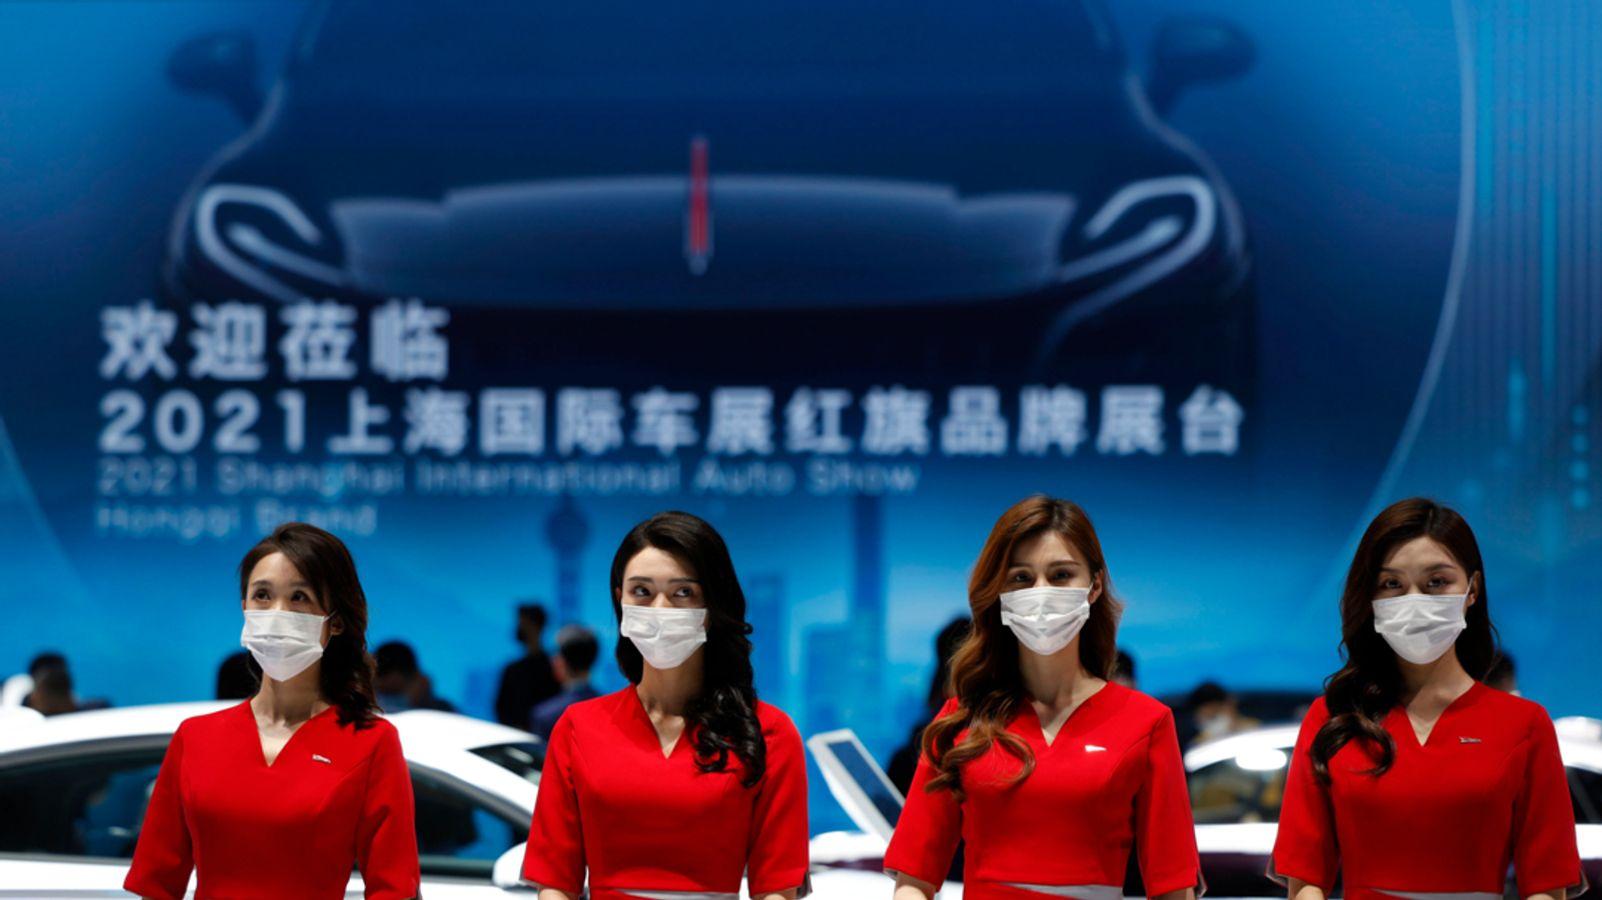 Chinas Kampfpreise: Welche Chance haben europäische E-Autos?